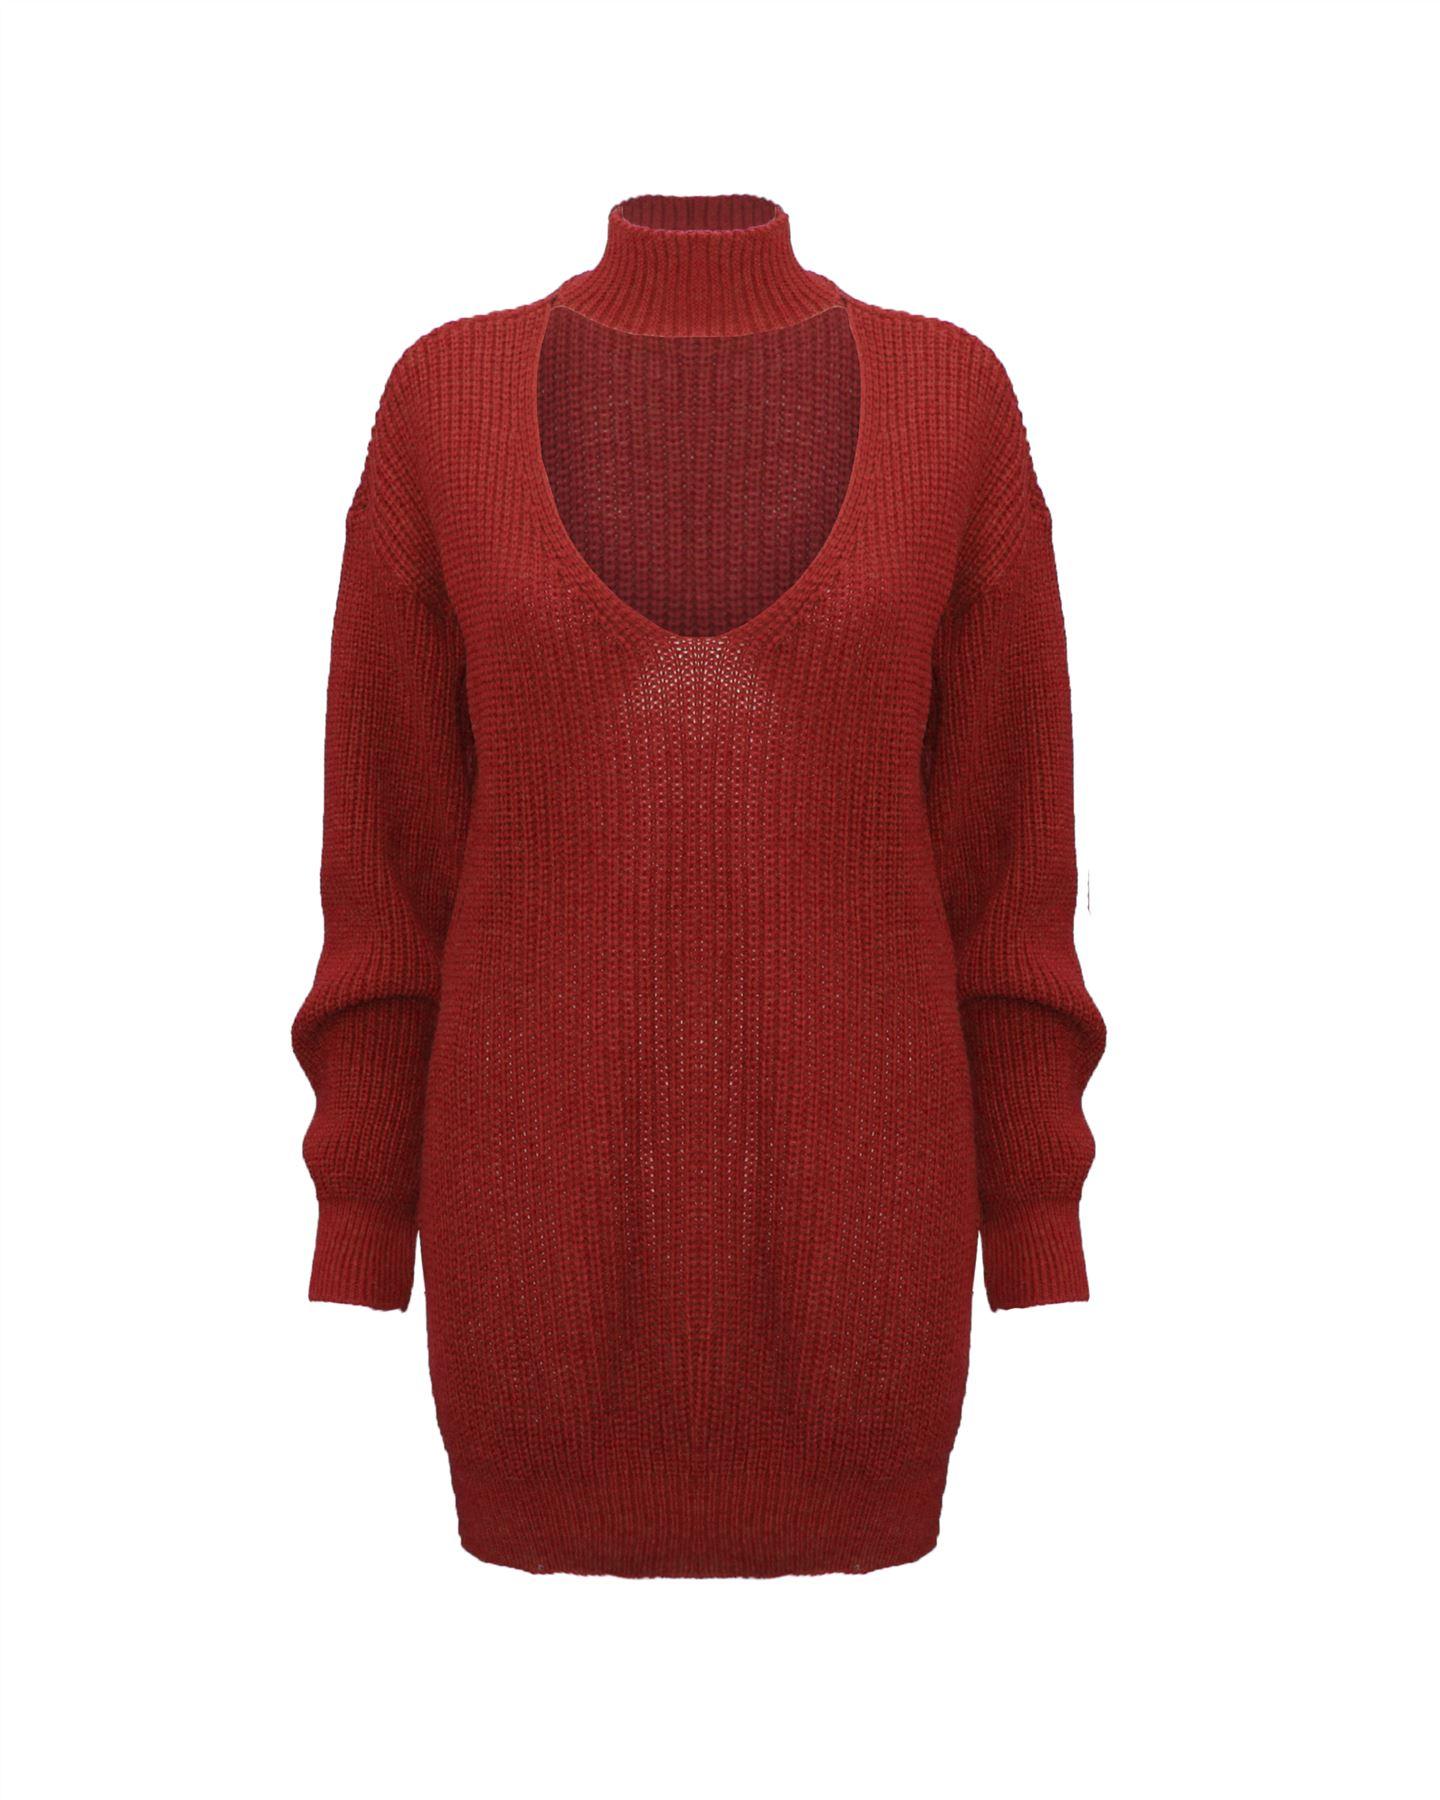 Le-donne-Donna-A-Maglia-Girocollo-Maglione-a-trama-grossa-Collo-Top-Baggy-Over-dimensionati-sweater miniatura 18